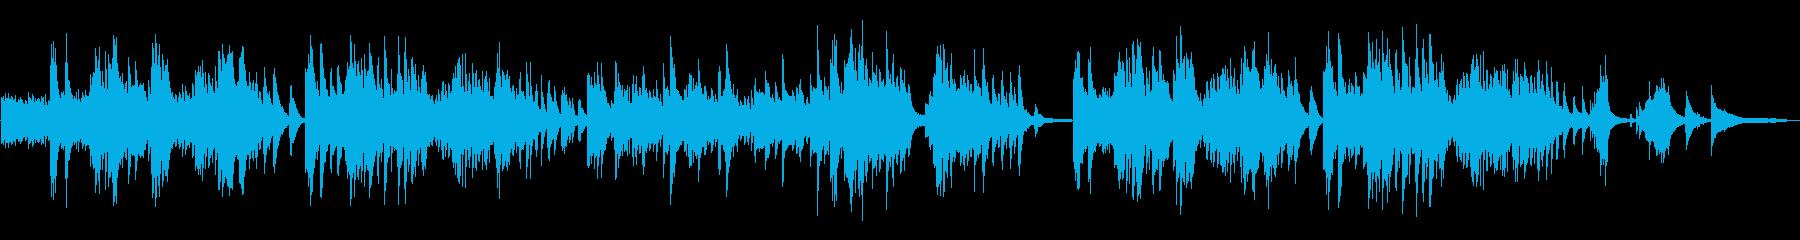 どこか懐かしいピアノの再生済みの波形